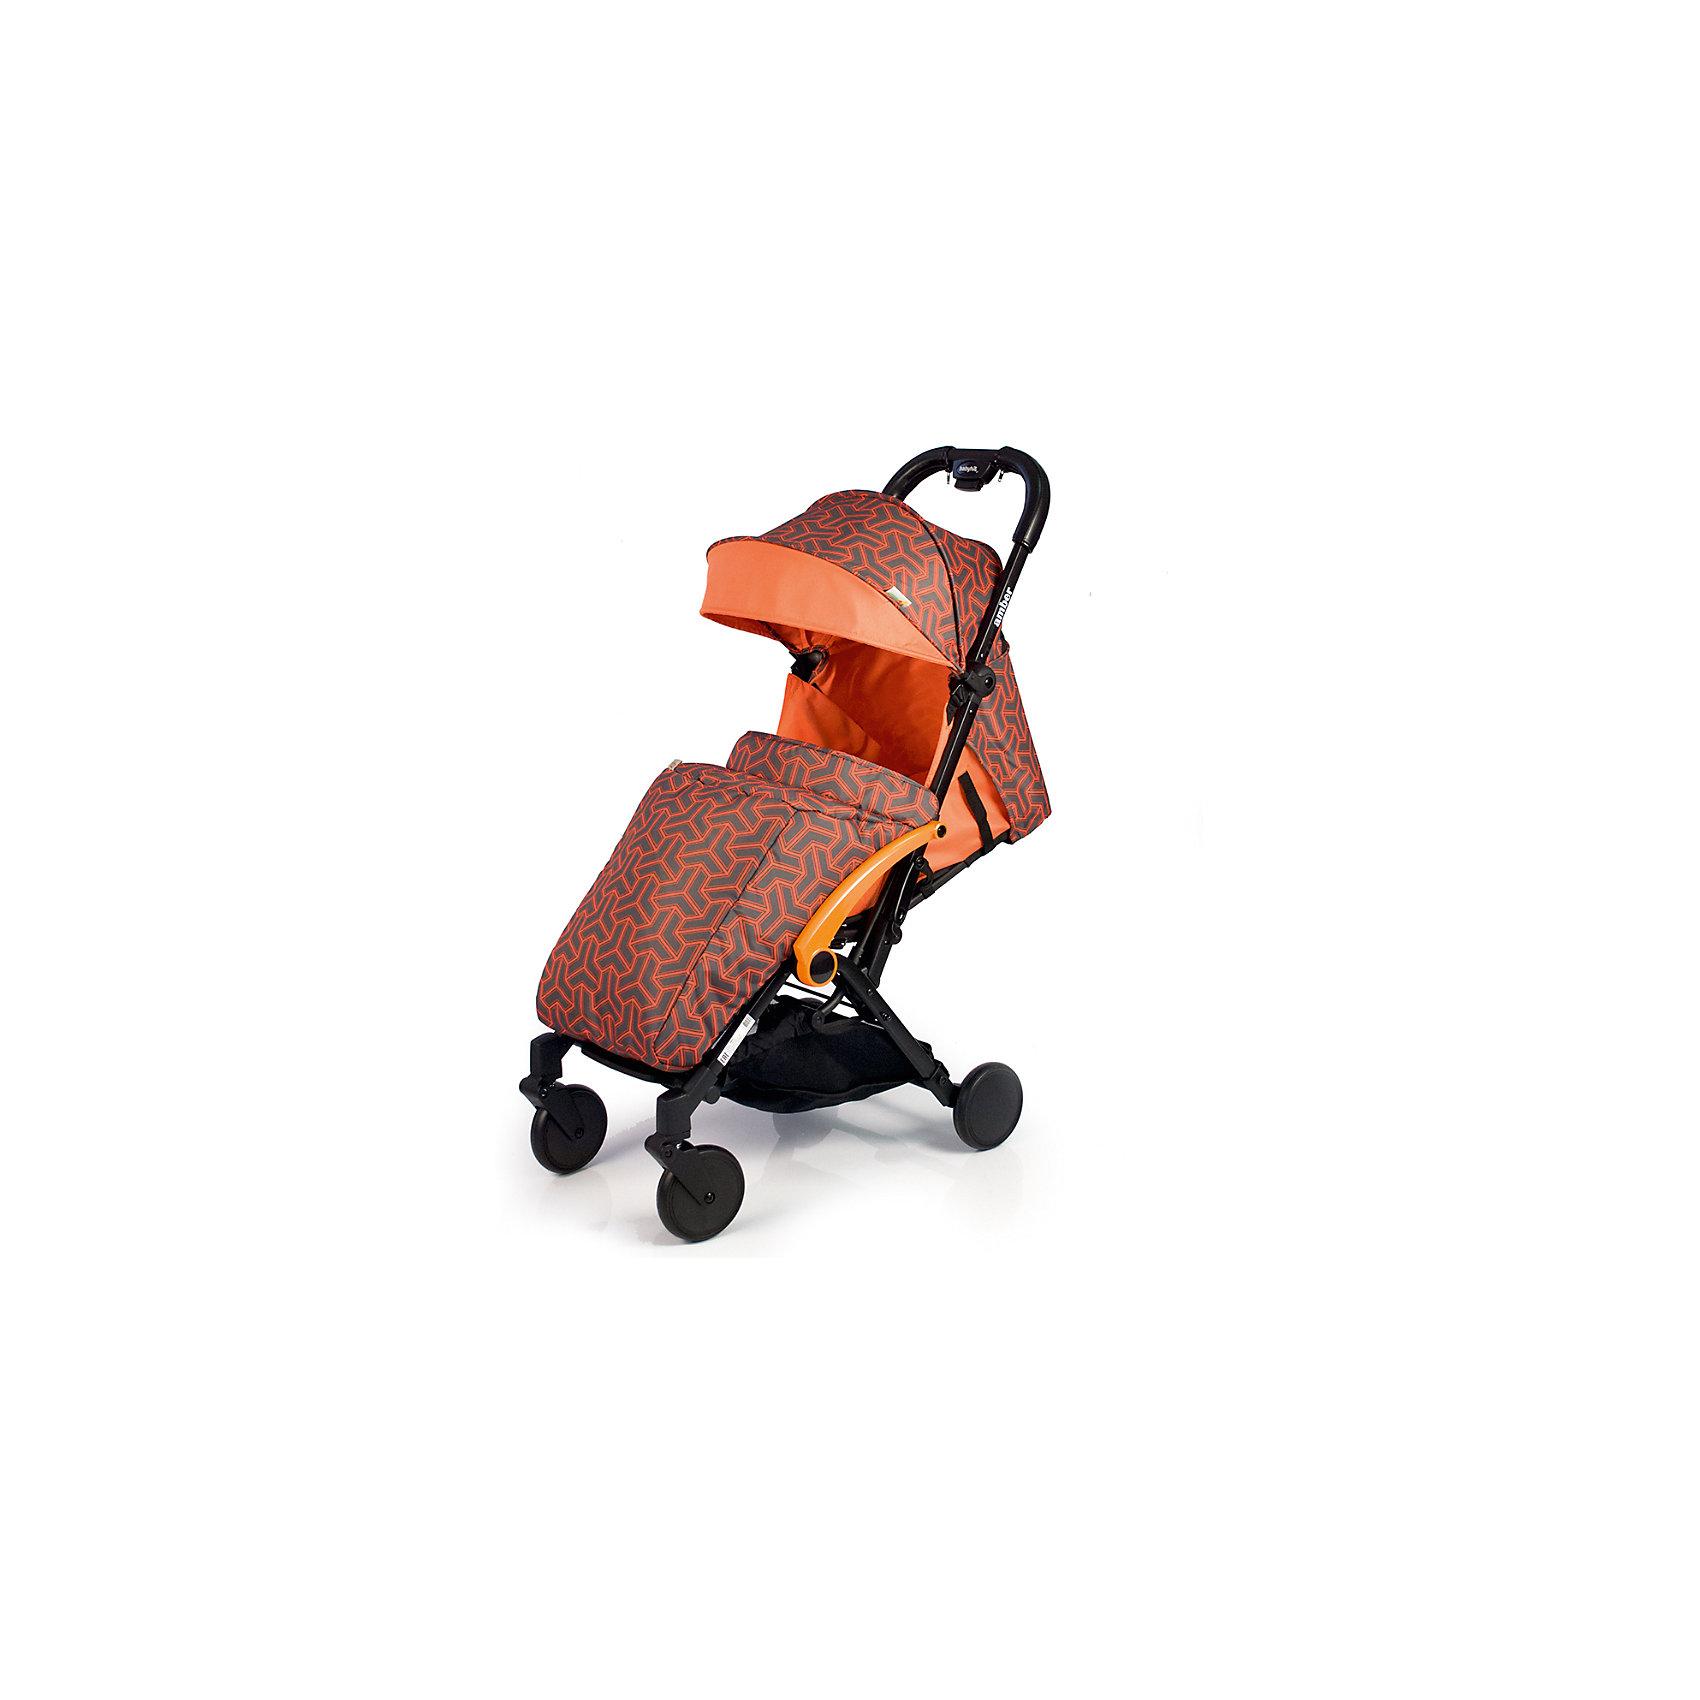 Прогулочная коляска BabyHit Amber 2017, оранжевыйПрогулочные коляски<br>Идеальная коляска для путешествий!<br>Компактна в сложенном виде.<br>Ручка с чехлами из эко-кожи<br>Одинарные передние поворотные колеса<br>Алюминиевая рама<br>Съемный поручень с разделителем для ножек<br>Регулируемая до положения «лежа» спинка<br>5-ти точечная система ремней безопасности<br>Багажная корзина<br>В комплекте: полог, дождевик, москитная сетка, сумка-чехол.<br><br>Характеристика:<br>Размеры в разложенном виде: 85 х 47 х 104 см (Д х Ш х В)<br>Размеры в сложенном виде: 54 х 47 х 32 см (Д х Ш х В)<br>Ширина сиденья: 32 см<br>Длина сиденья: 27 см<br>Высота спинки: 42 см<br>Высота до ручки: 104 см<br>Диаметр колес: 13,5 см<br>Вес: 6,7 кг<br><br>Отличительные особенности обновленной Babyhit Amber: ручка с чехлами из эко-кожи, повышенная плотность ткани, сумка чехол для коляски в комплекте.<br><br>Ширина мм: 465<br>Глубина мм: 255<br>Высота мм: 570<br>Вес г: 7600<br>Возраст от месяцев: 6<br>Возраст до месяцев: 36<br>Пол: Унисекс<br>Возраст: Детский<br>SKU: 5584570